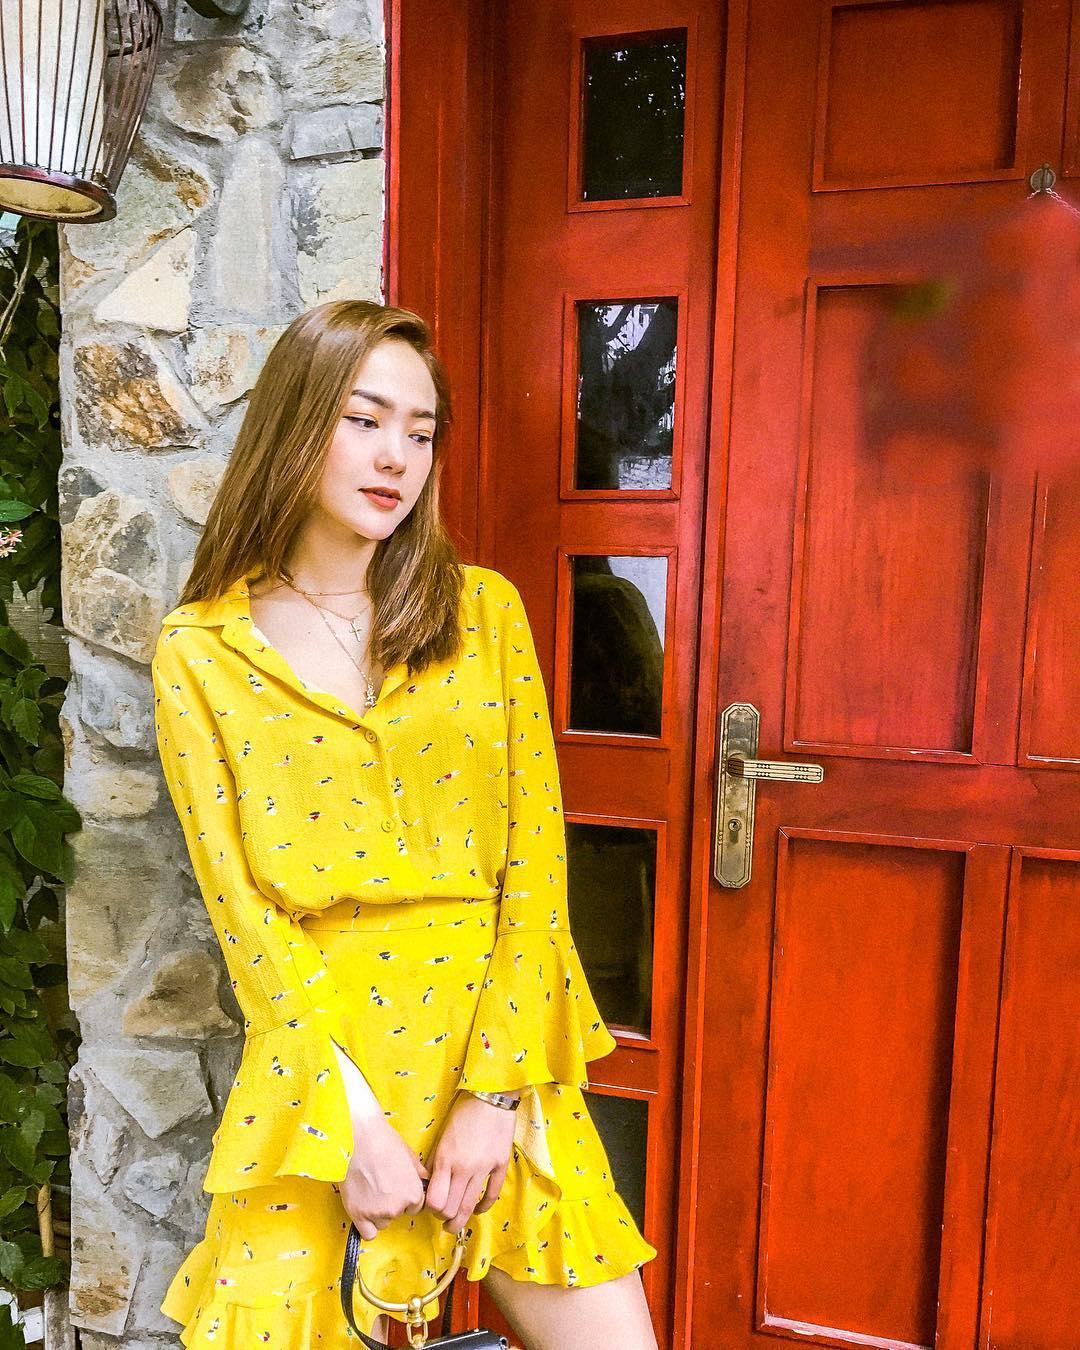 Minh Hằng diện quần 15cm, trẻ đẹp tựa thiếu nữ ngập tràn sức sống - Hình 11